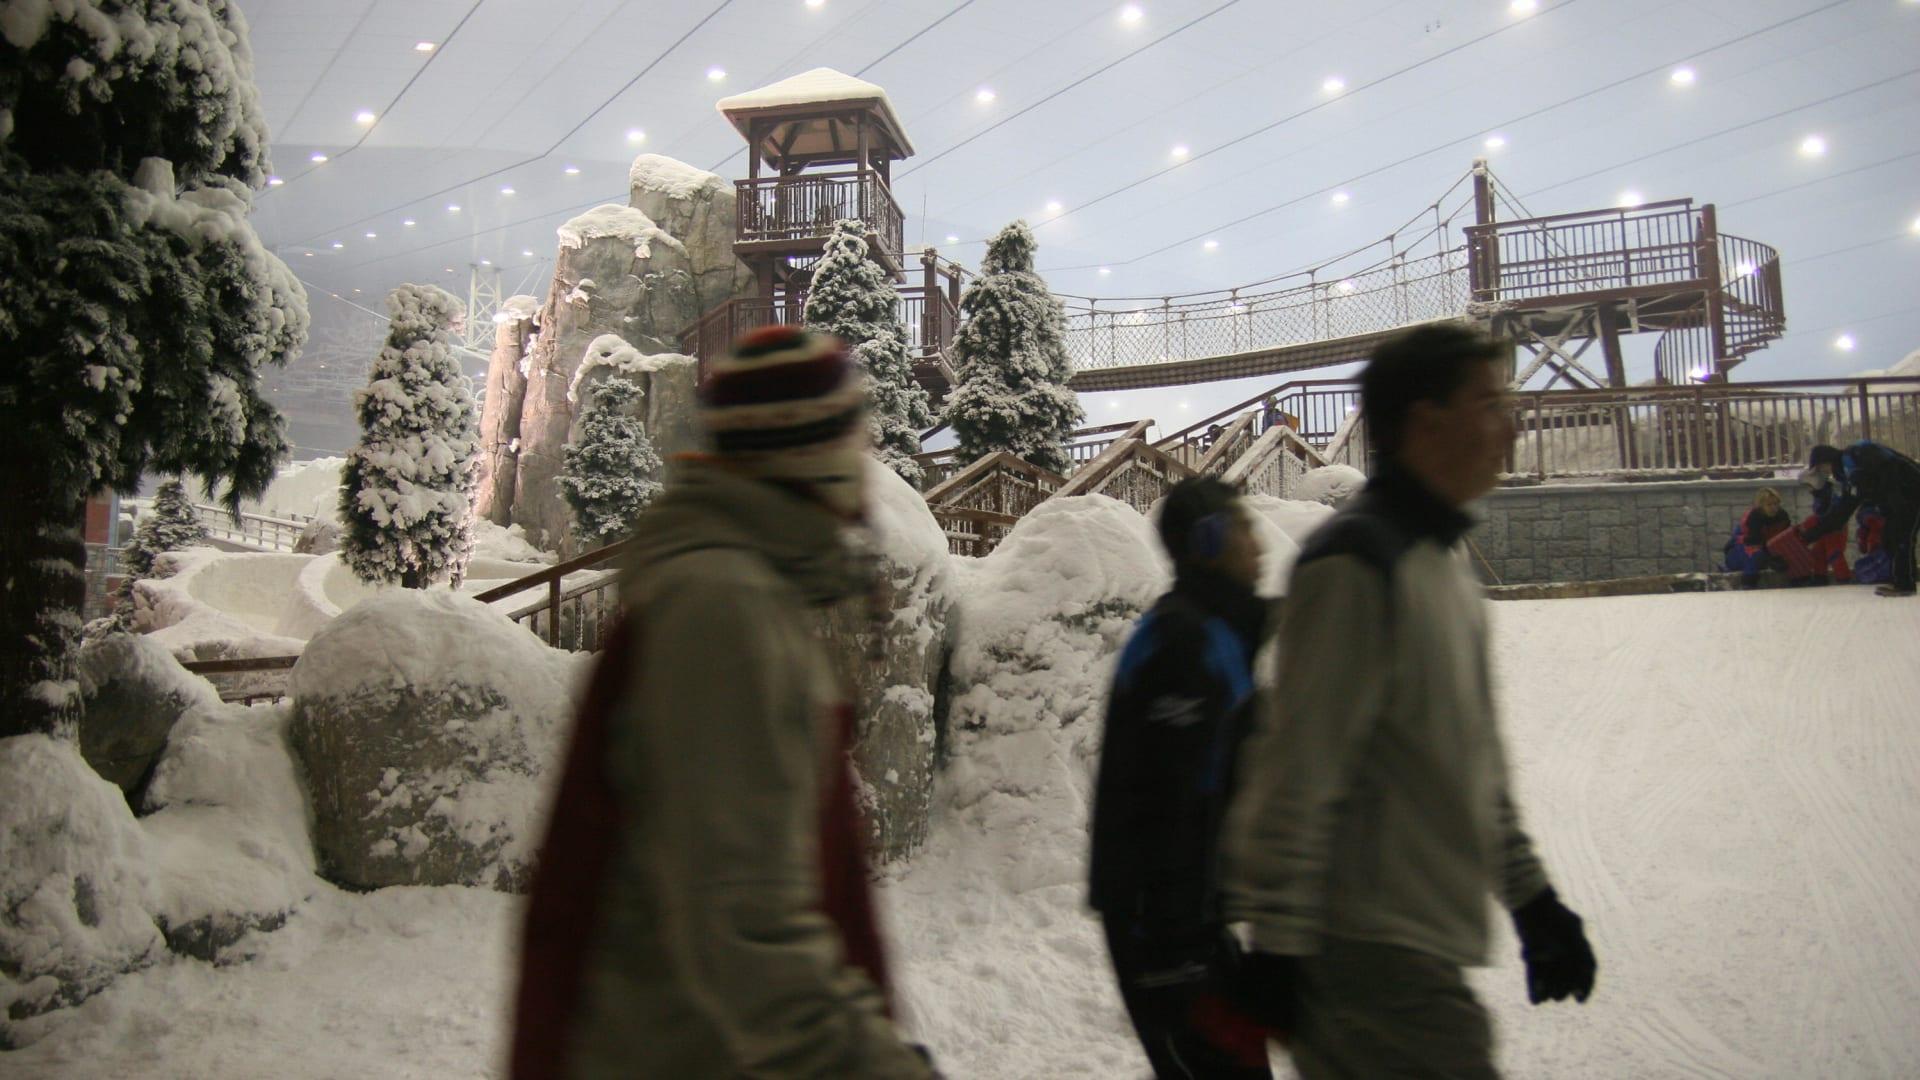 في أرض عجائب الشتاء.. شاهد فيلمك المفضل وسط ثلوج دبي لأول مرة بالشرق الأوسط